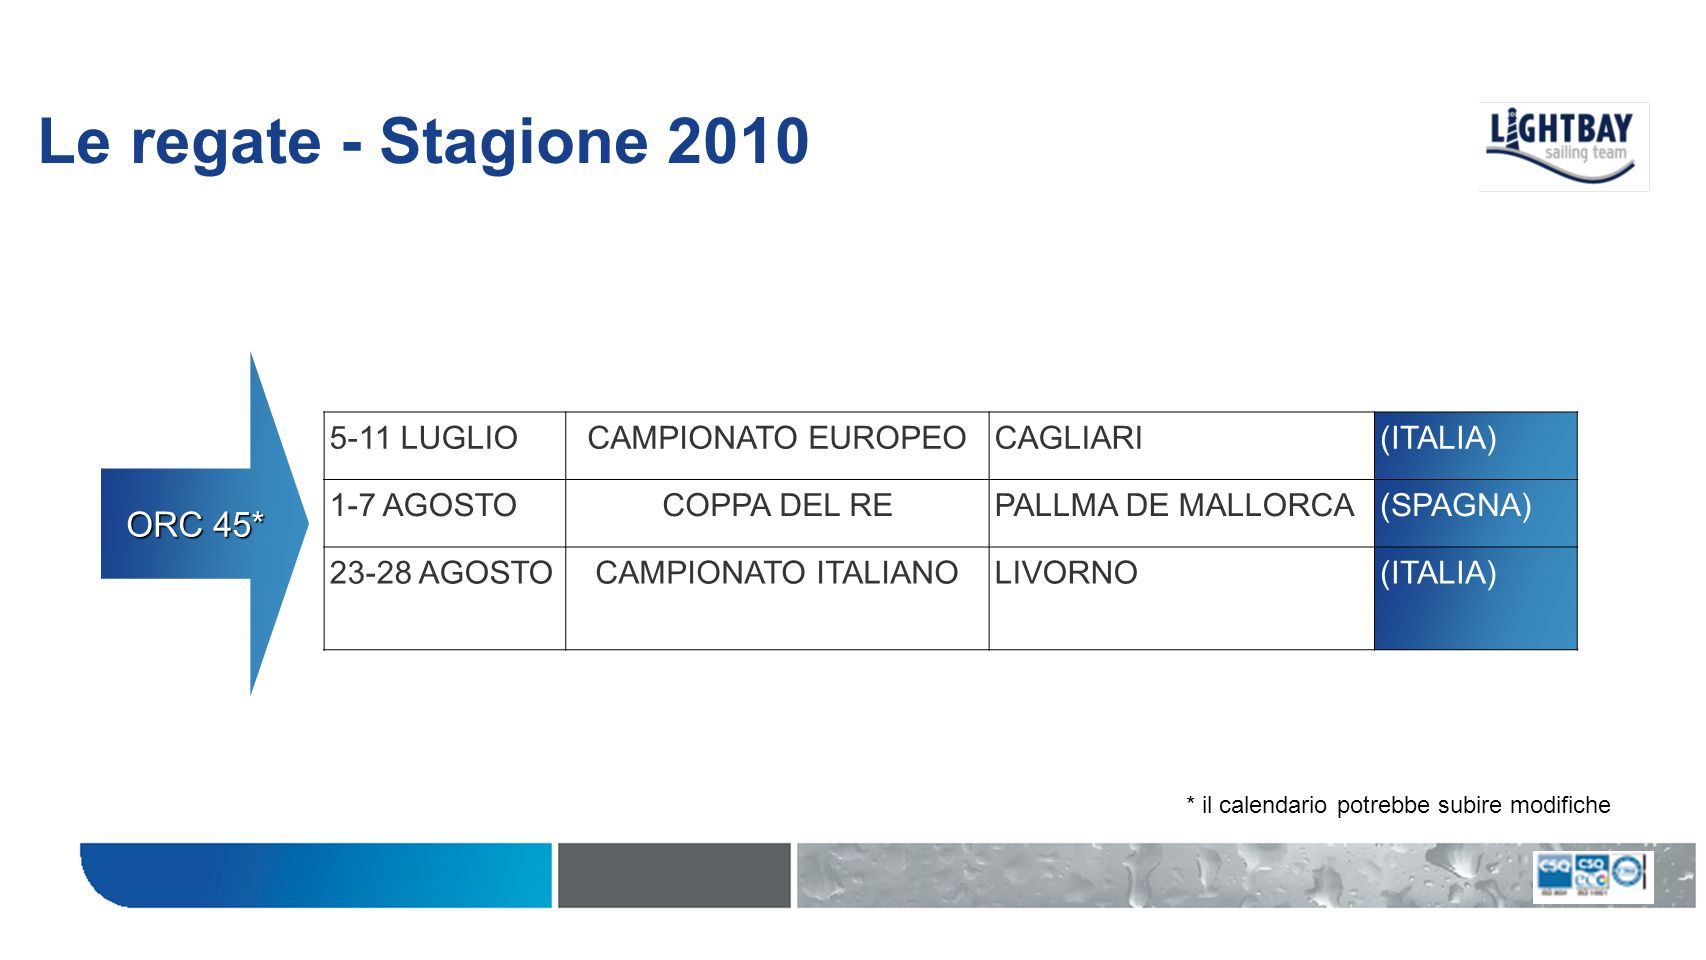 Le regate - Stagione 2010 MAGGIOREGATA DEI TRE GOLFICAPRI(ITALIA) 13-19 GIUGNOGIRAGLIAST.